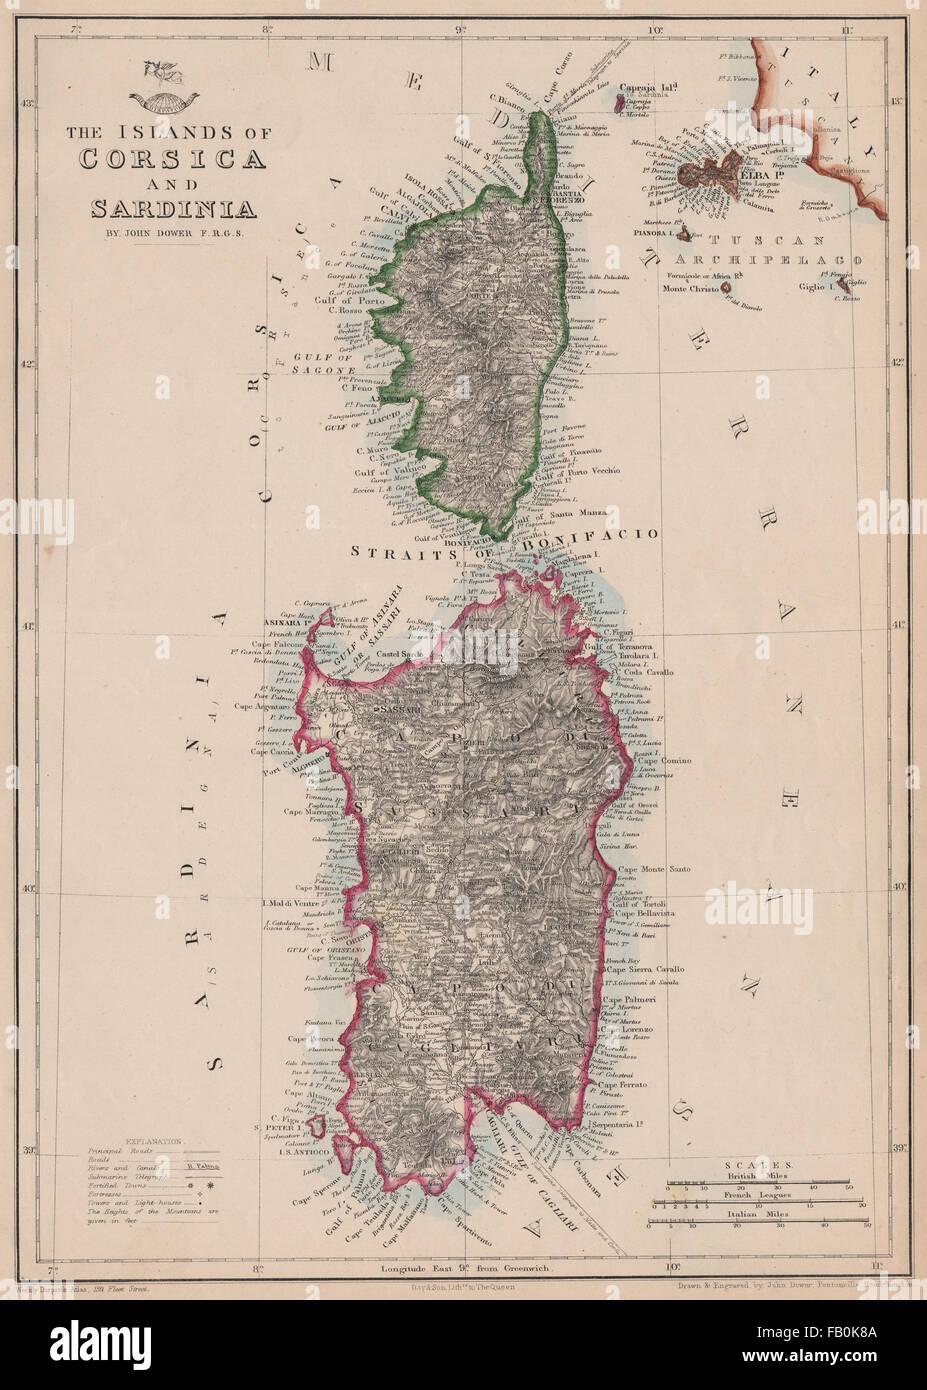 Isole Sardegna Cartina.Le Isole Di Corsica E Sardegna Isola D Elba John Dower Spedizione Atlas 1862 Mappa Foto Stock Alamy